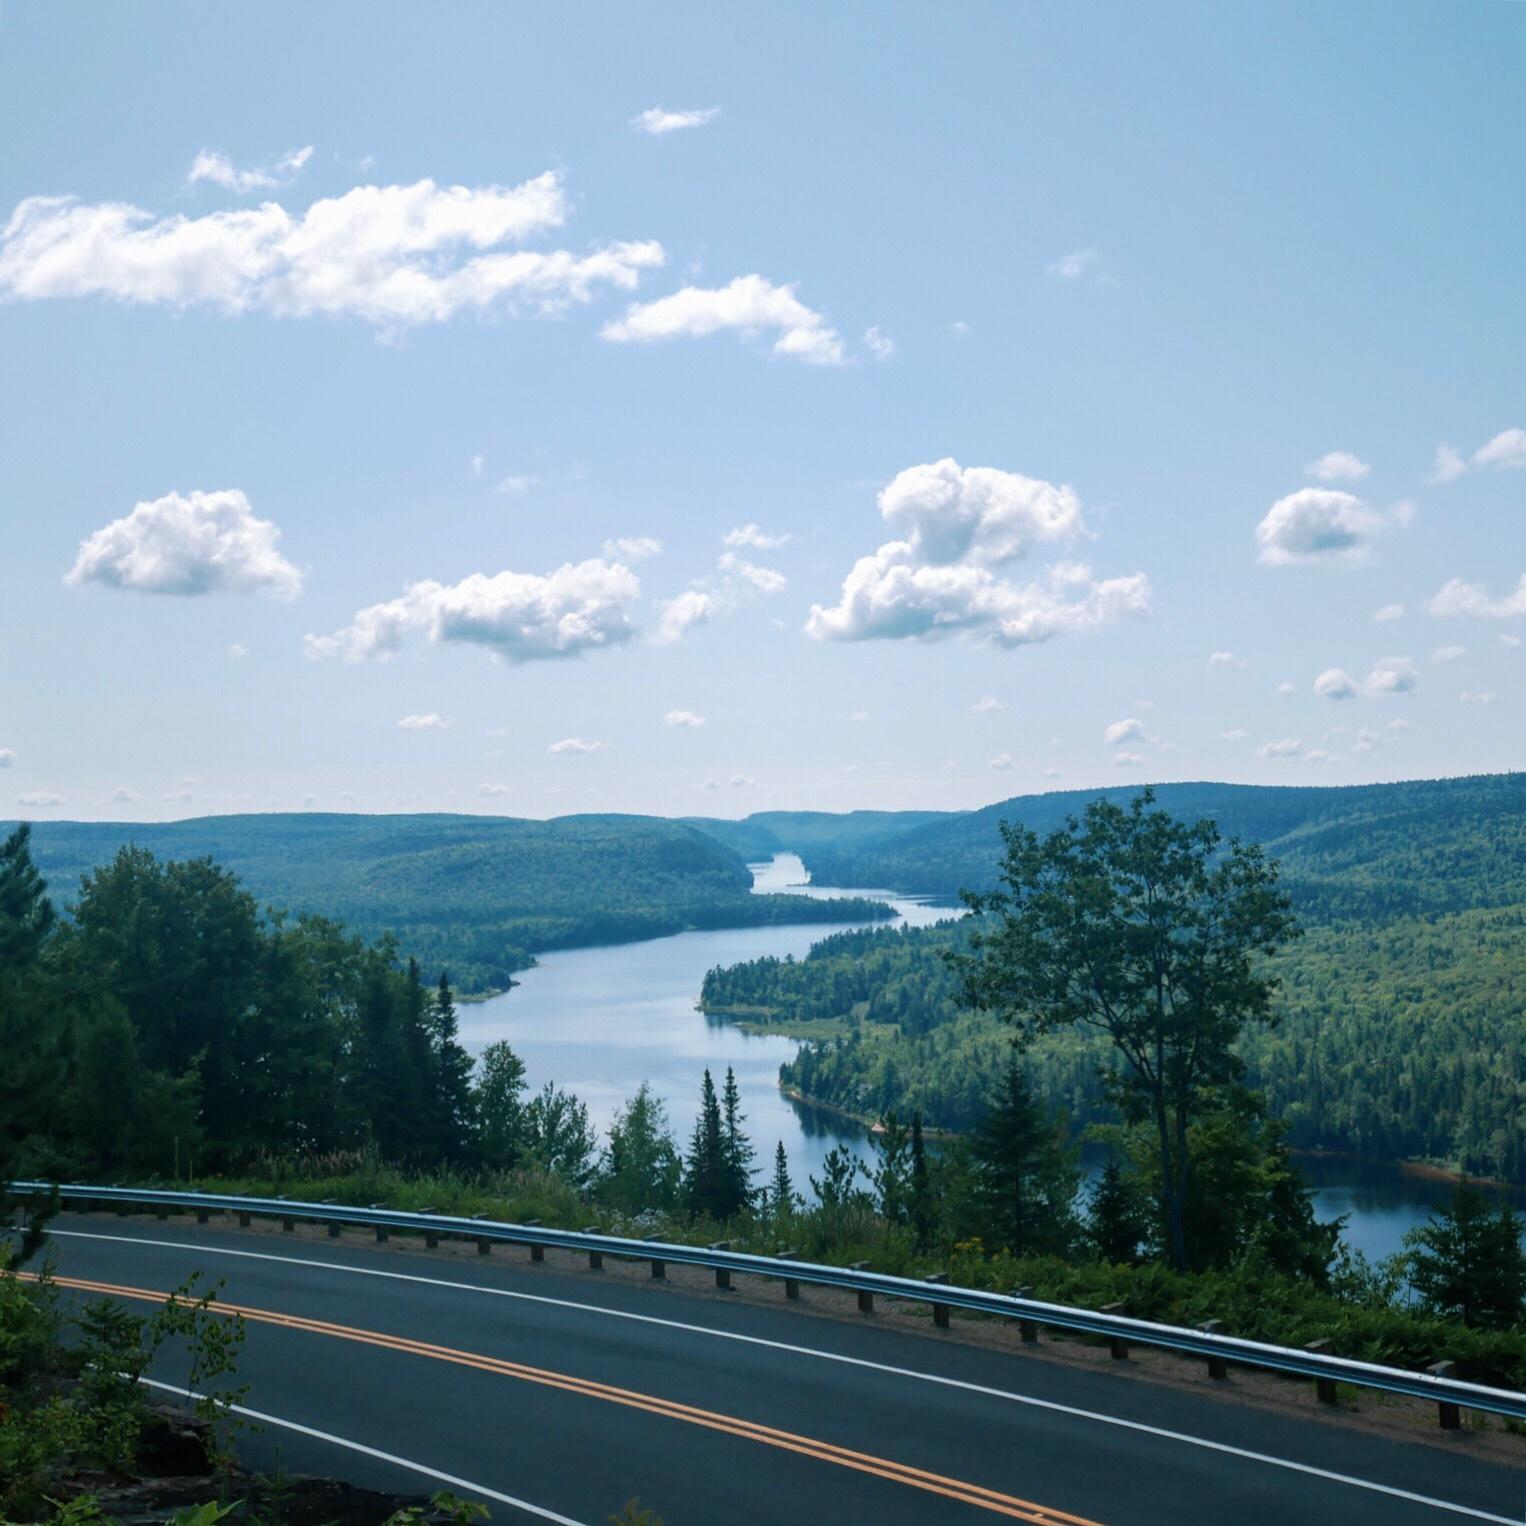 Belvédère du Passage au Parc Mont-tremblant - Roadtrip au Québec, Canada - Blog Voyage Ma Folie Vagabonde